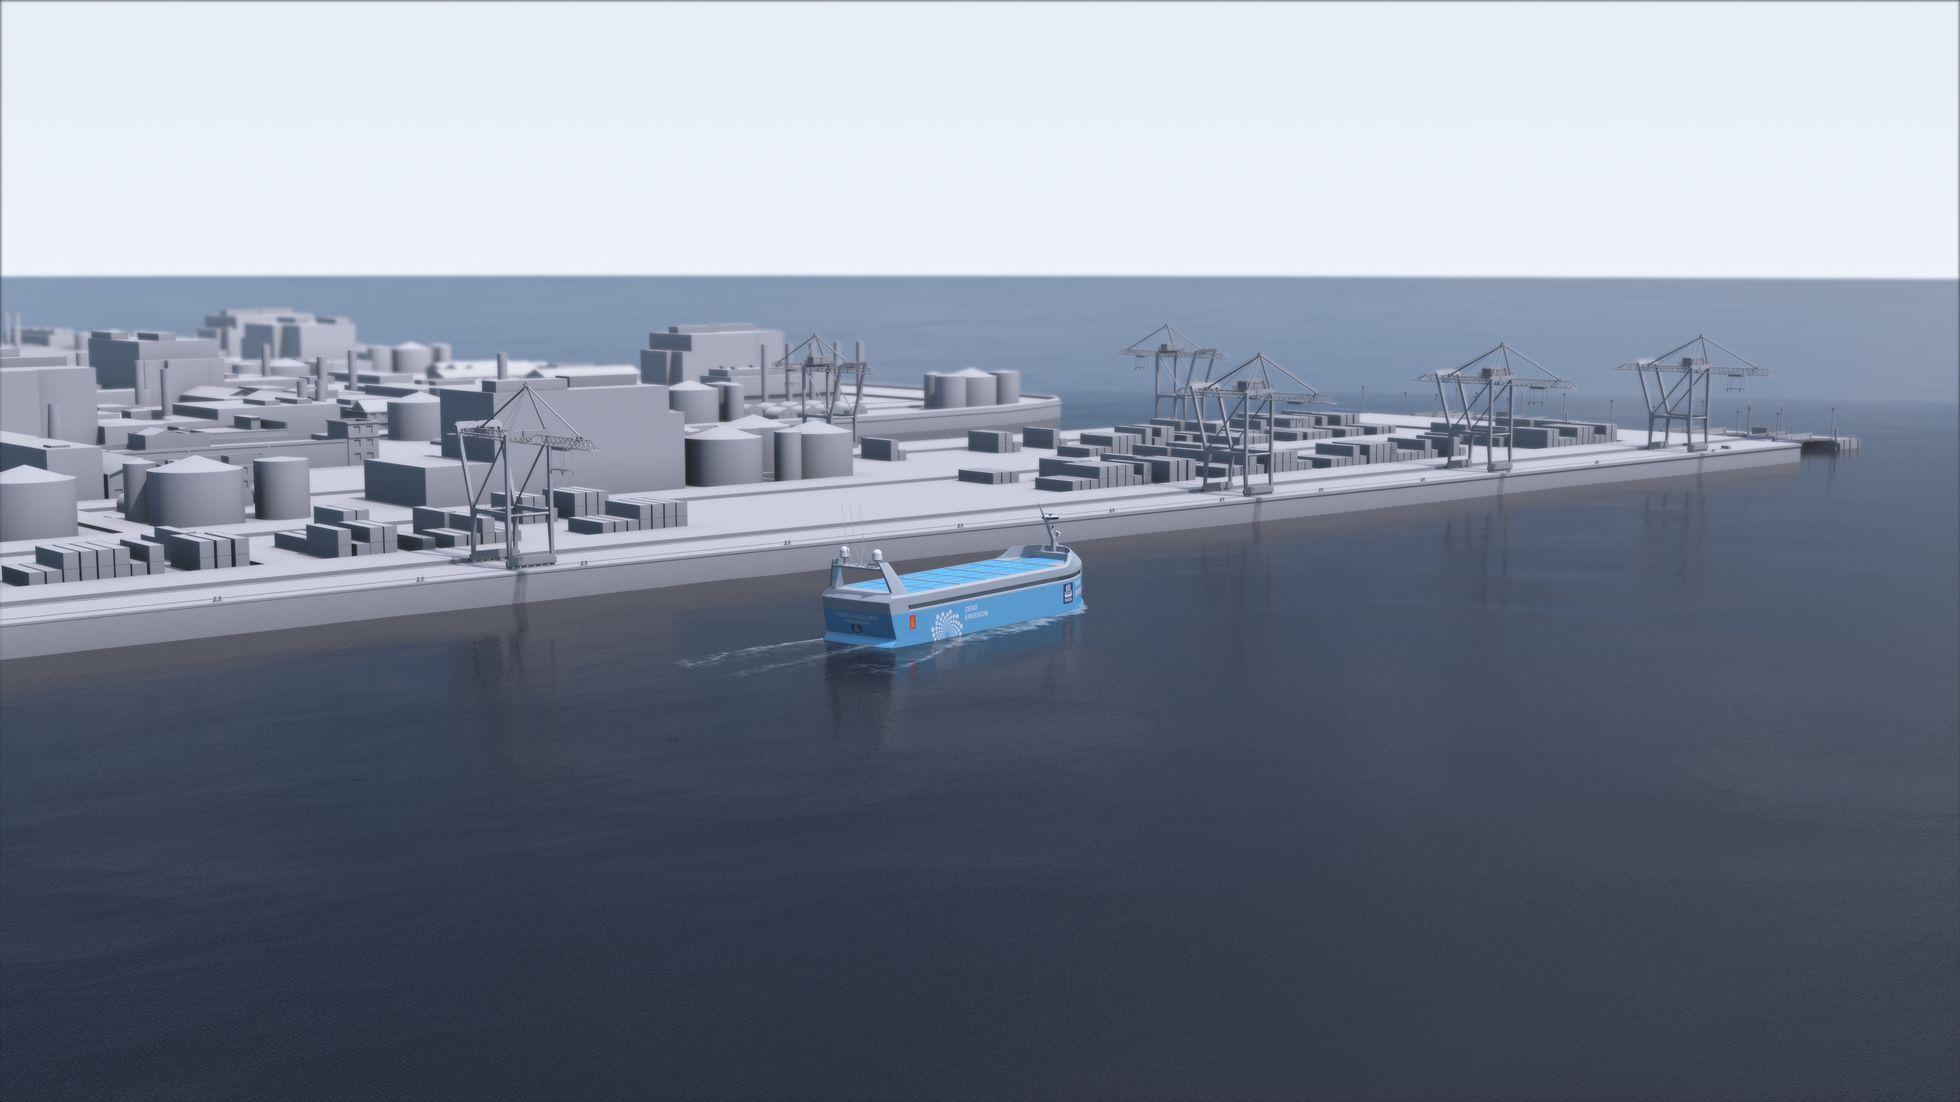 Schifffahrt: Yara Birkeland wird der erste autonome E-Frachter -